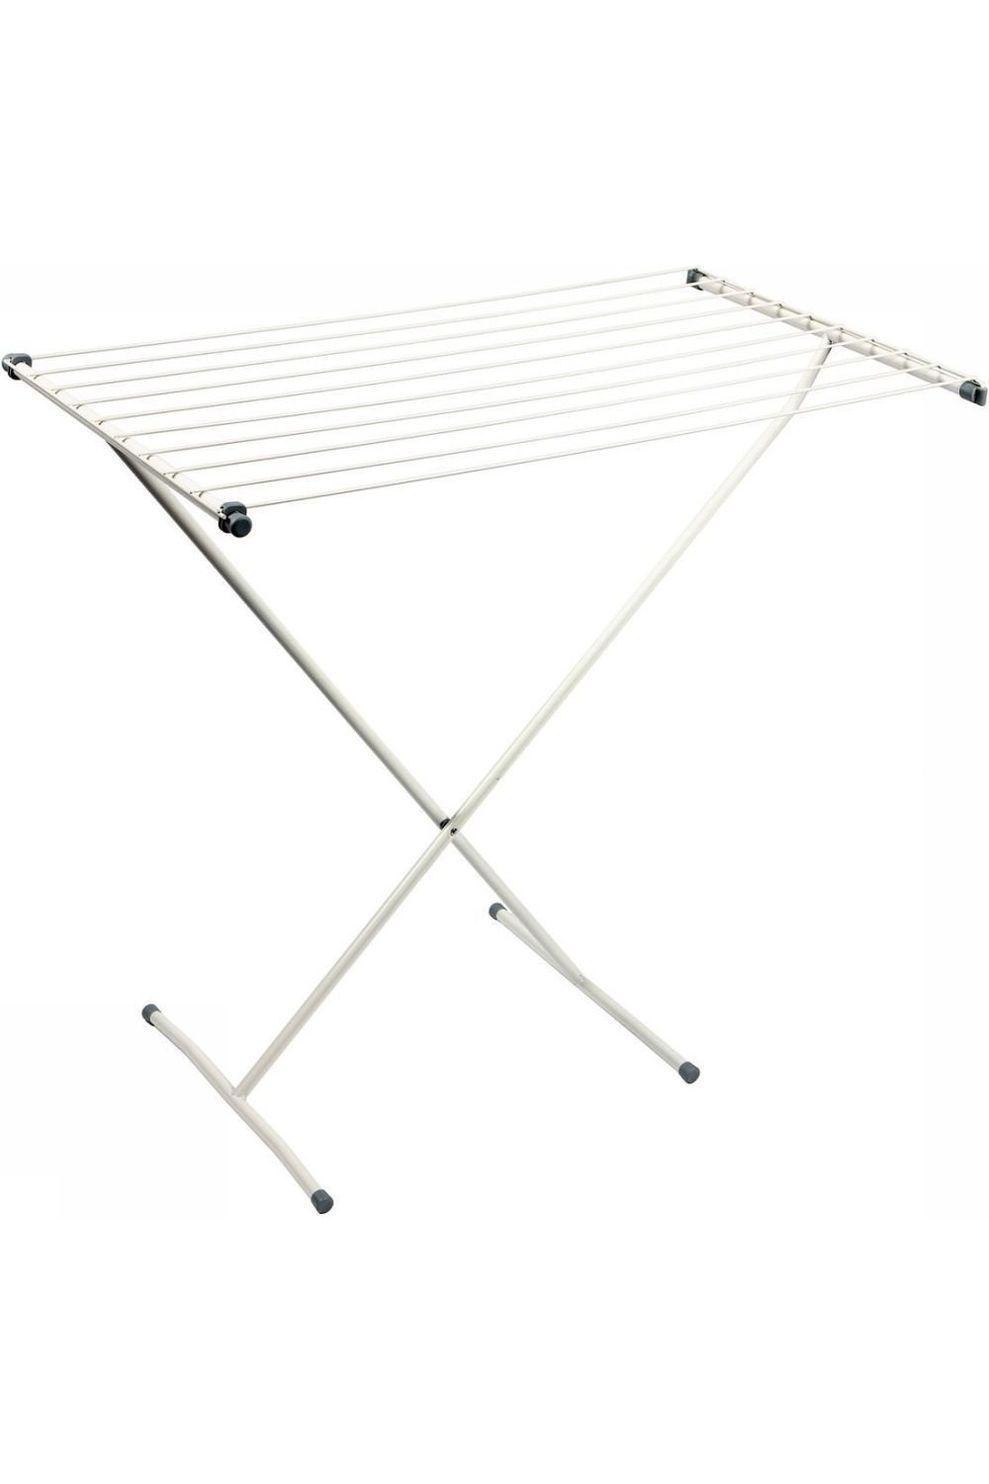 Bo-Camp Accessoire Droogrek Schaarmodel Draadlengte 9 Meter - Grijs